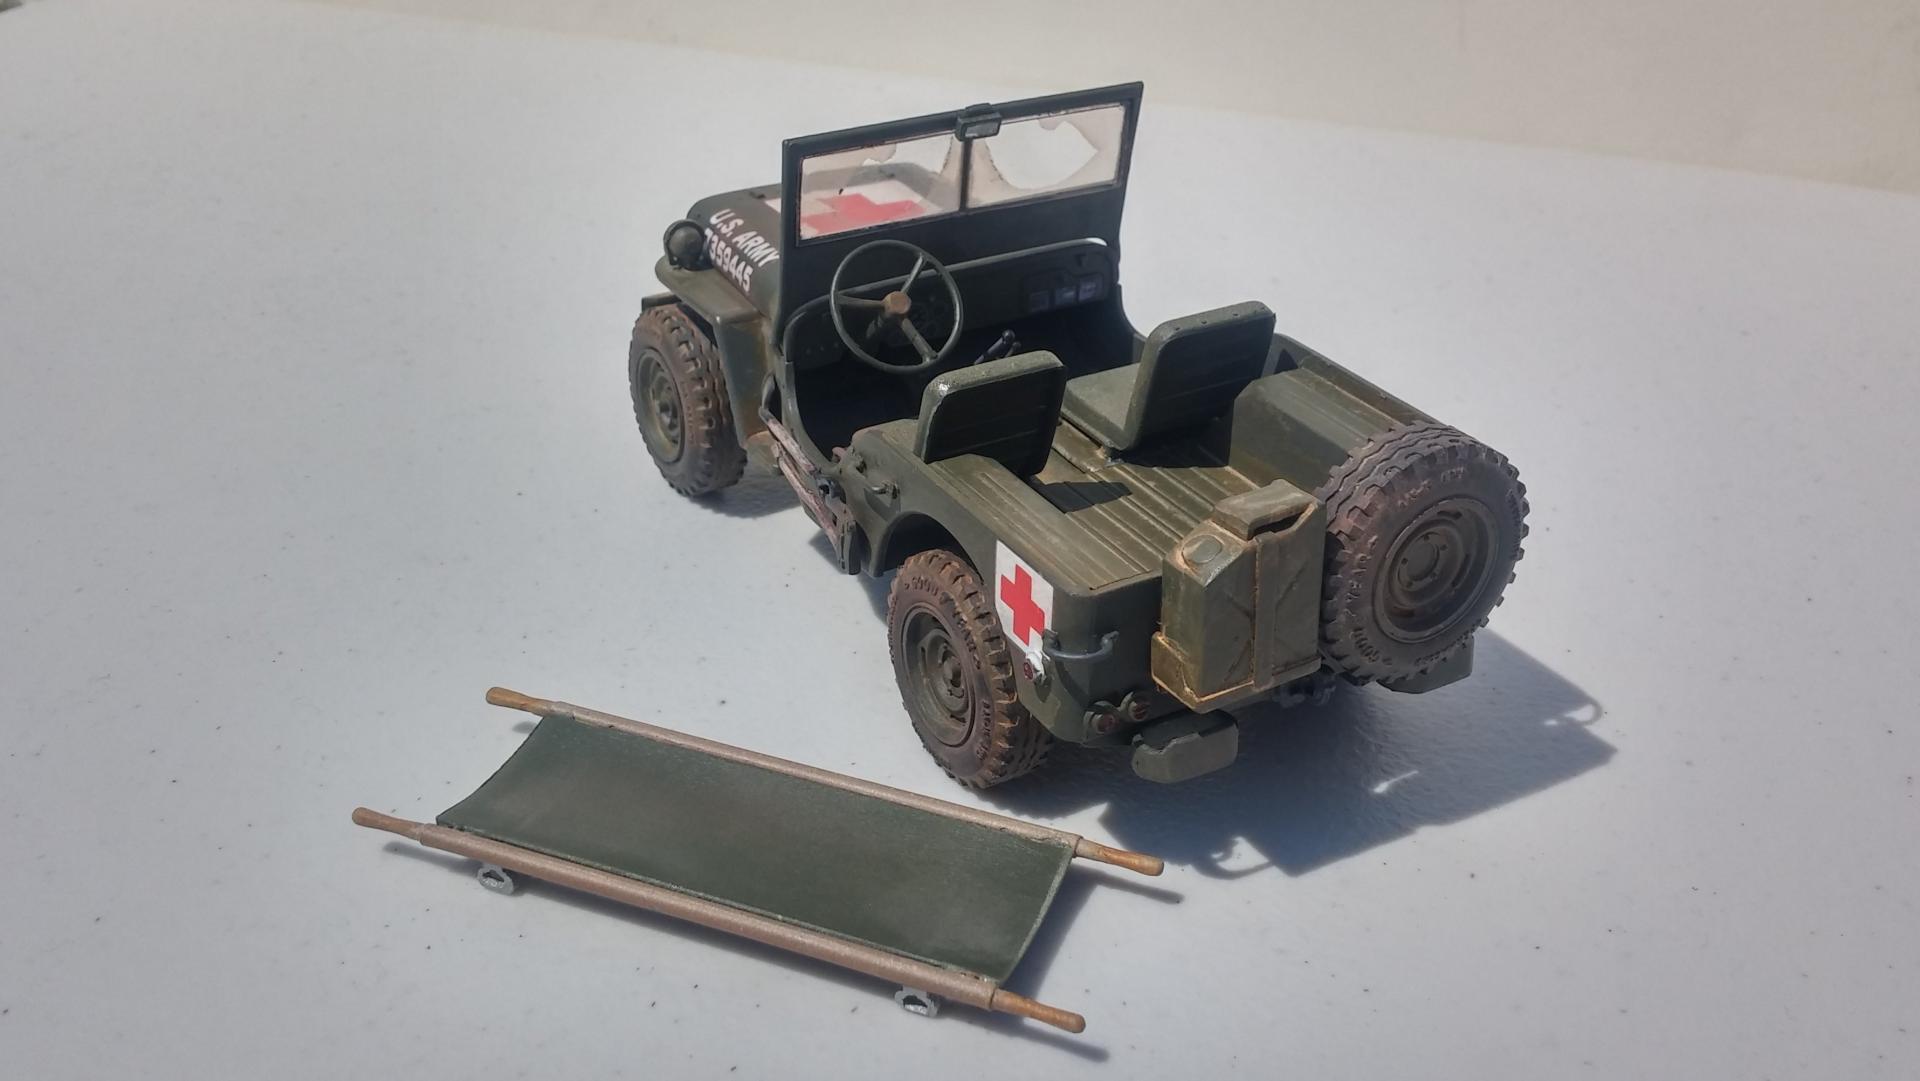 WW_II_Jeep_12.thumb.jpg.df646fbc9259931eee9849897db7f073.jpg